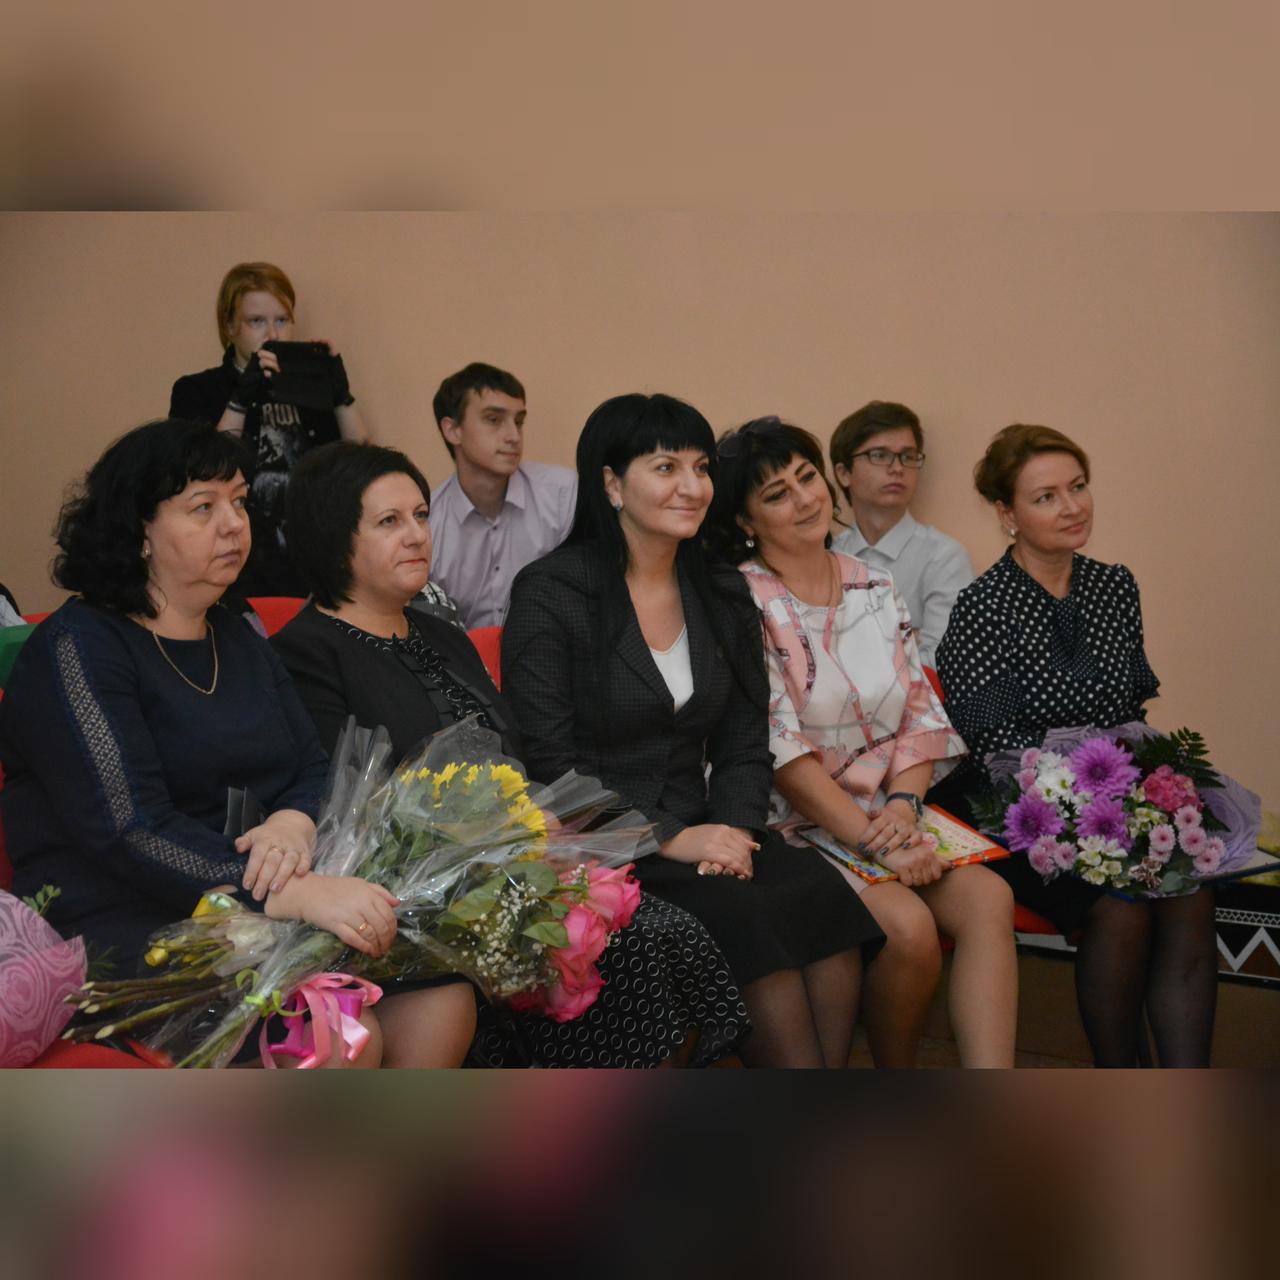 Торжественное мероприятие, посвященное 70-летию КГОБУ «Коррекционная школа-интернат 3-4 видов»